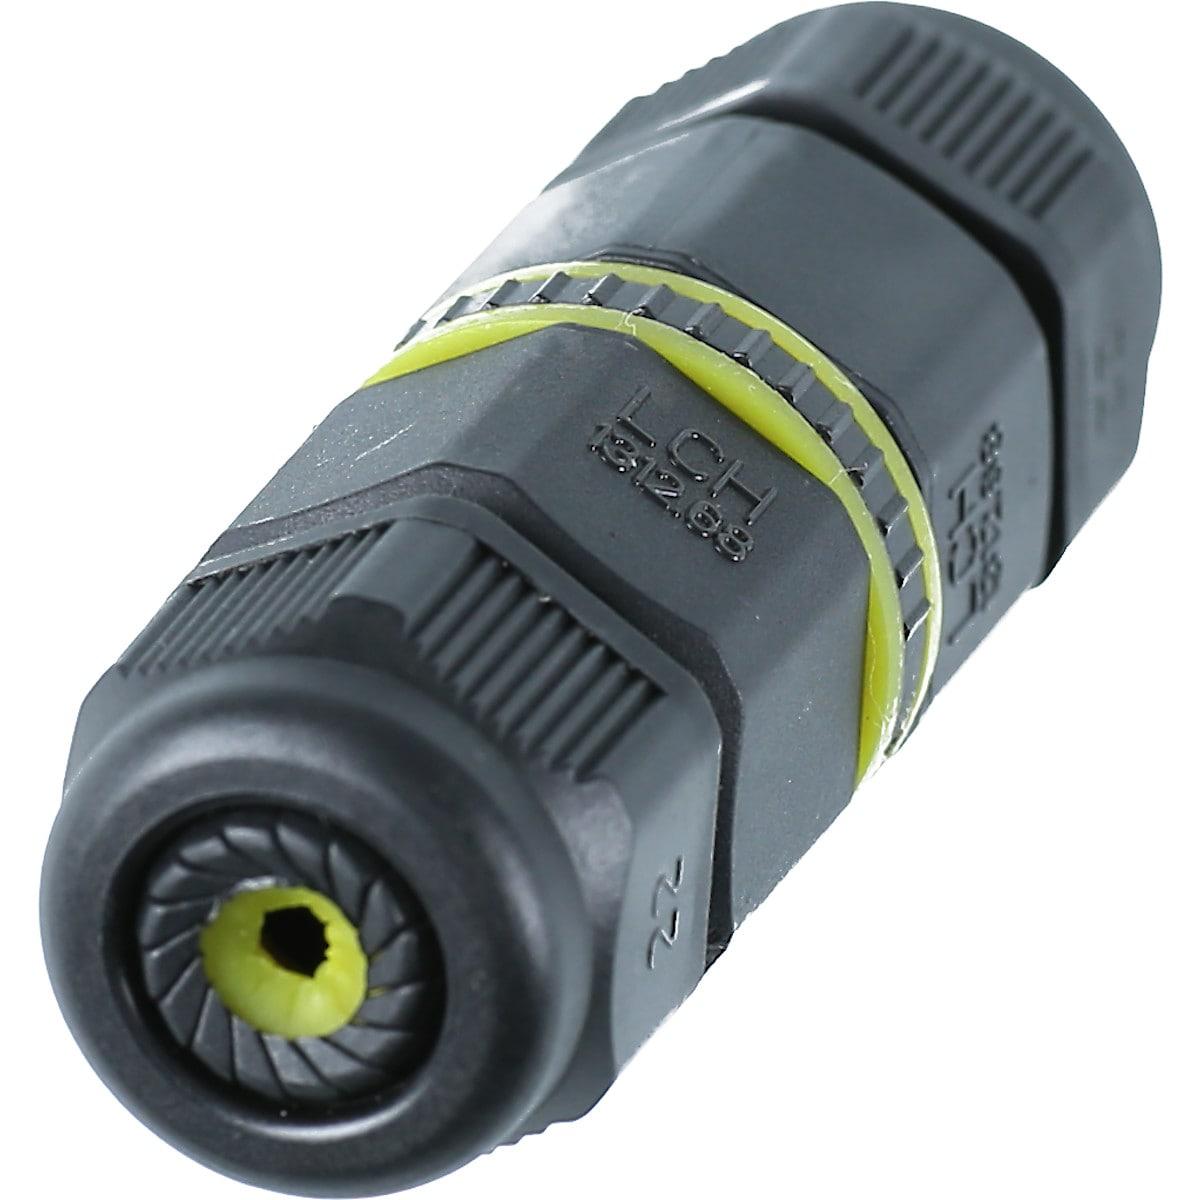 Kabelskarv 3-polig IP68